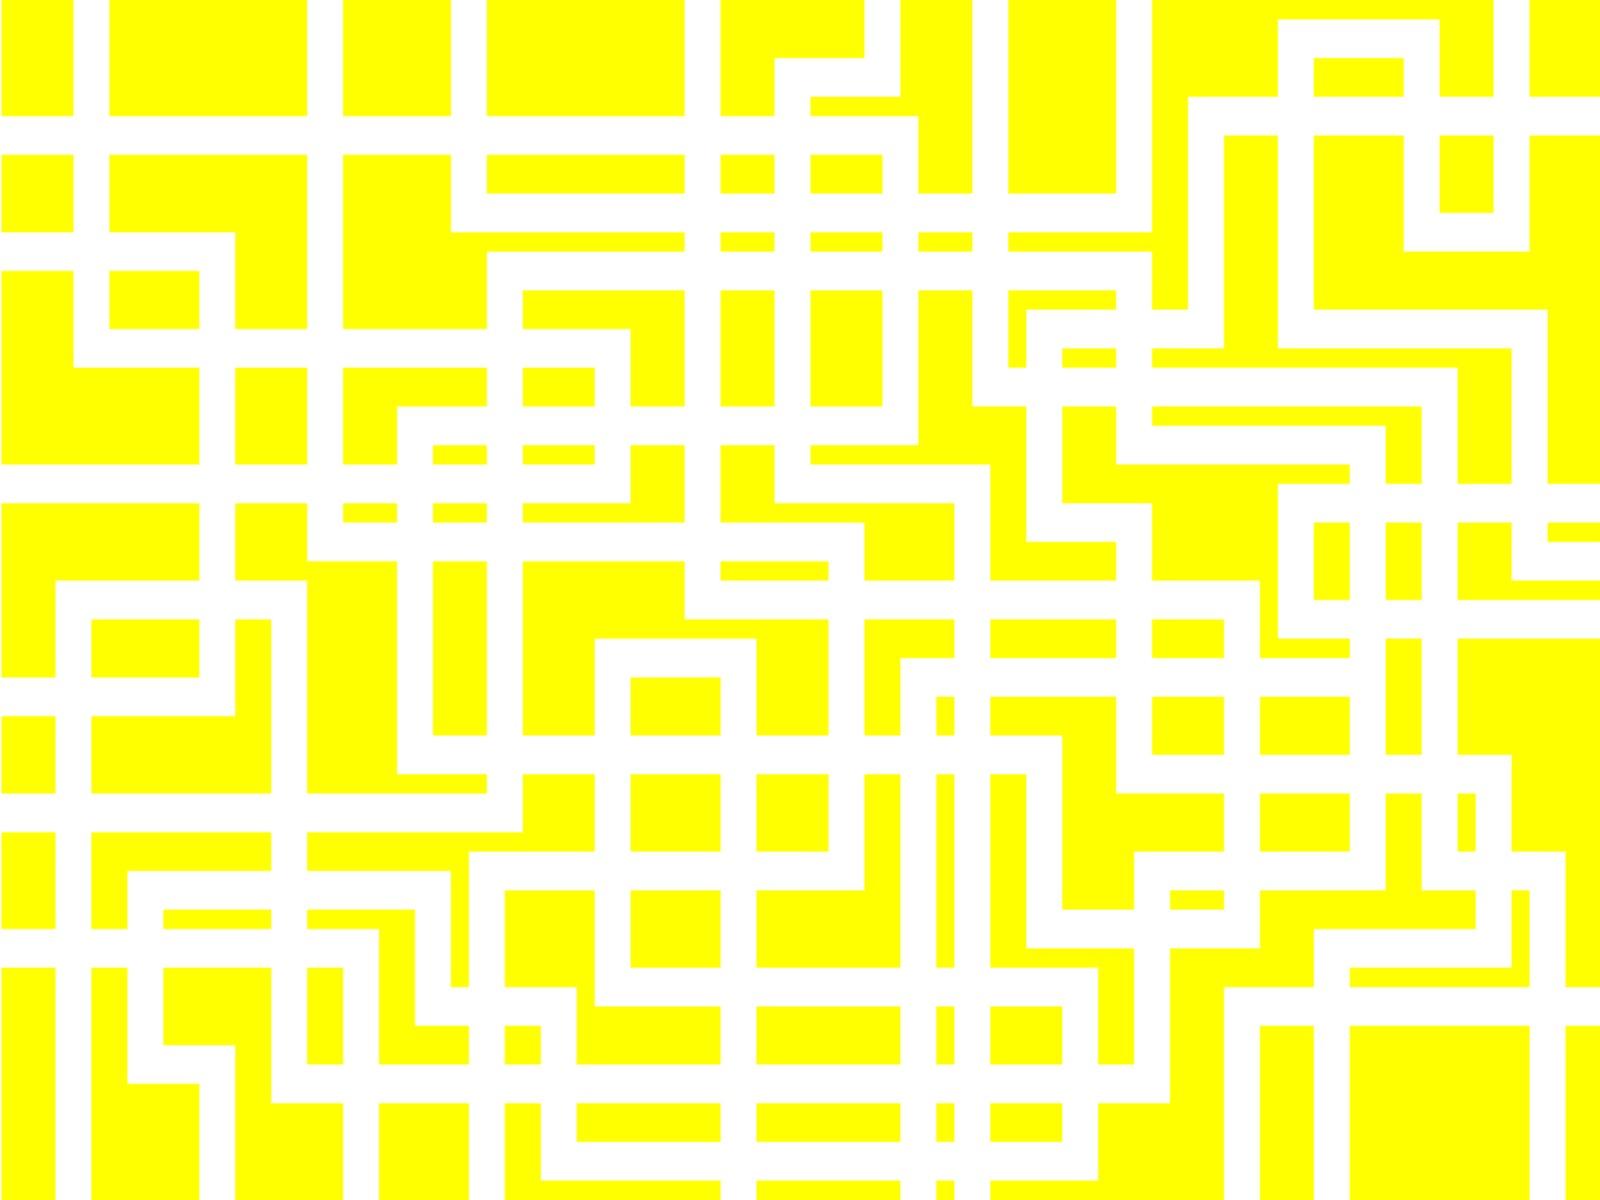 交差線 黄色 Wordや写真を使ったシンプルな壁紙素材を配布するサイト